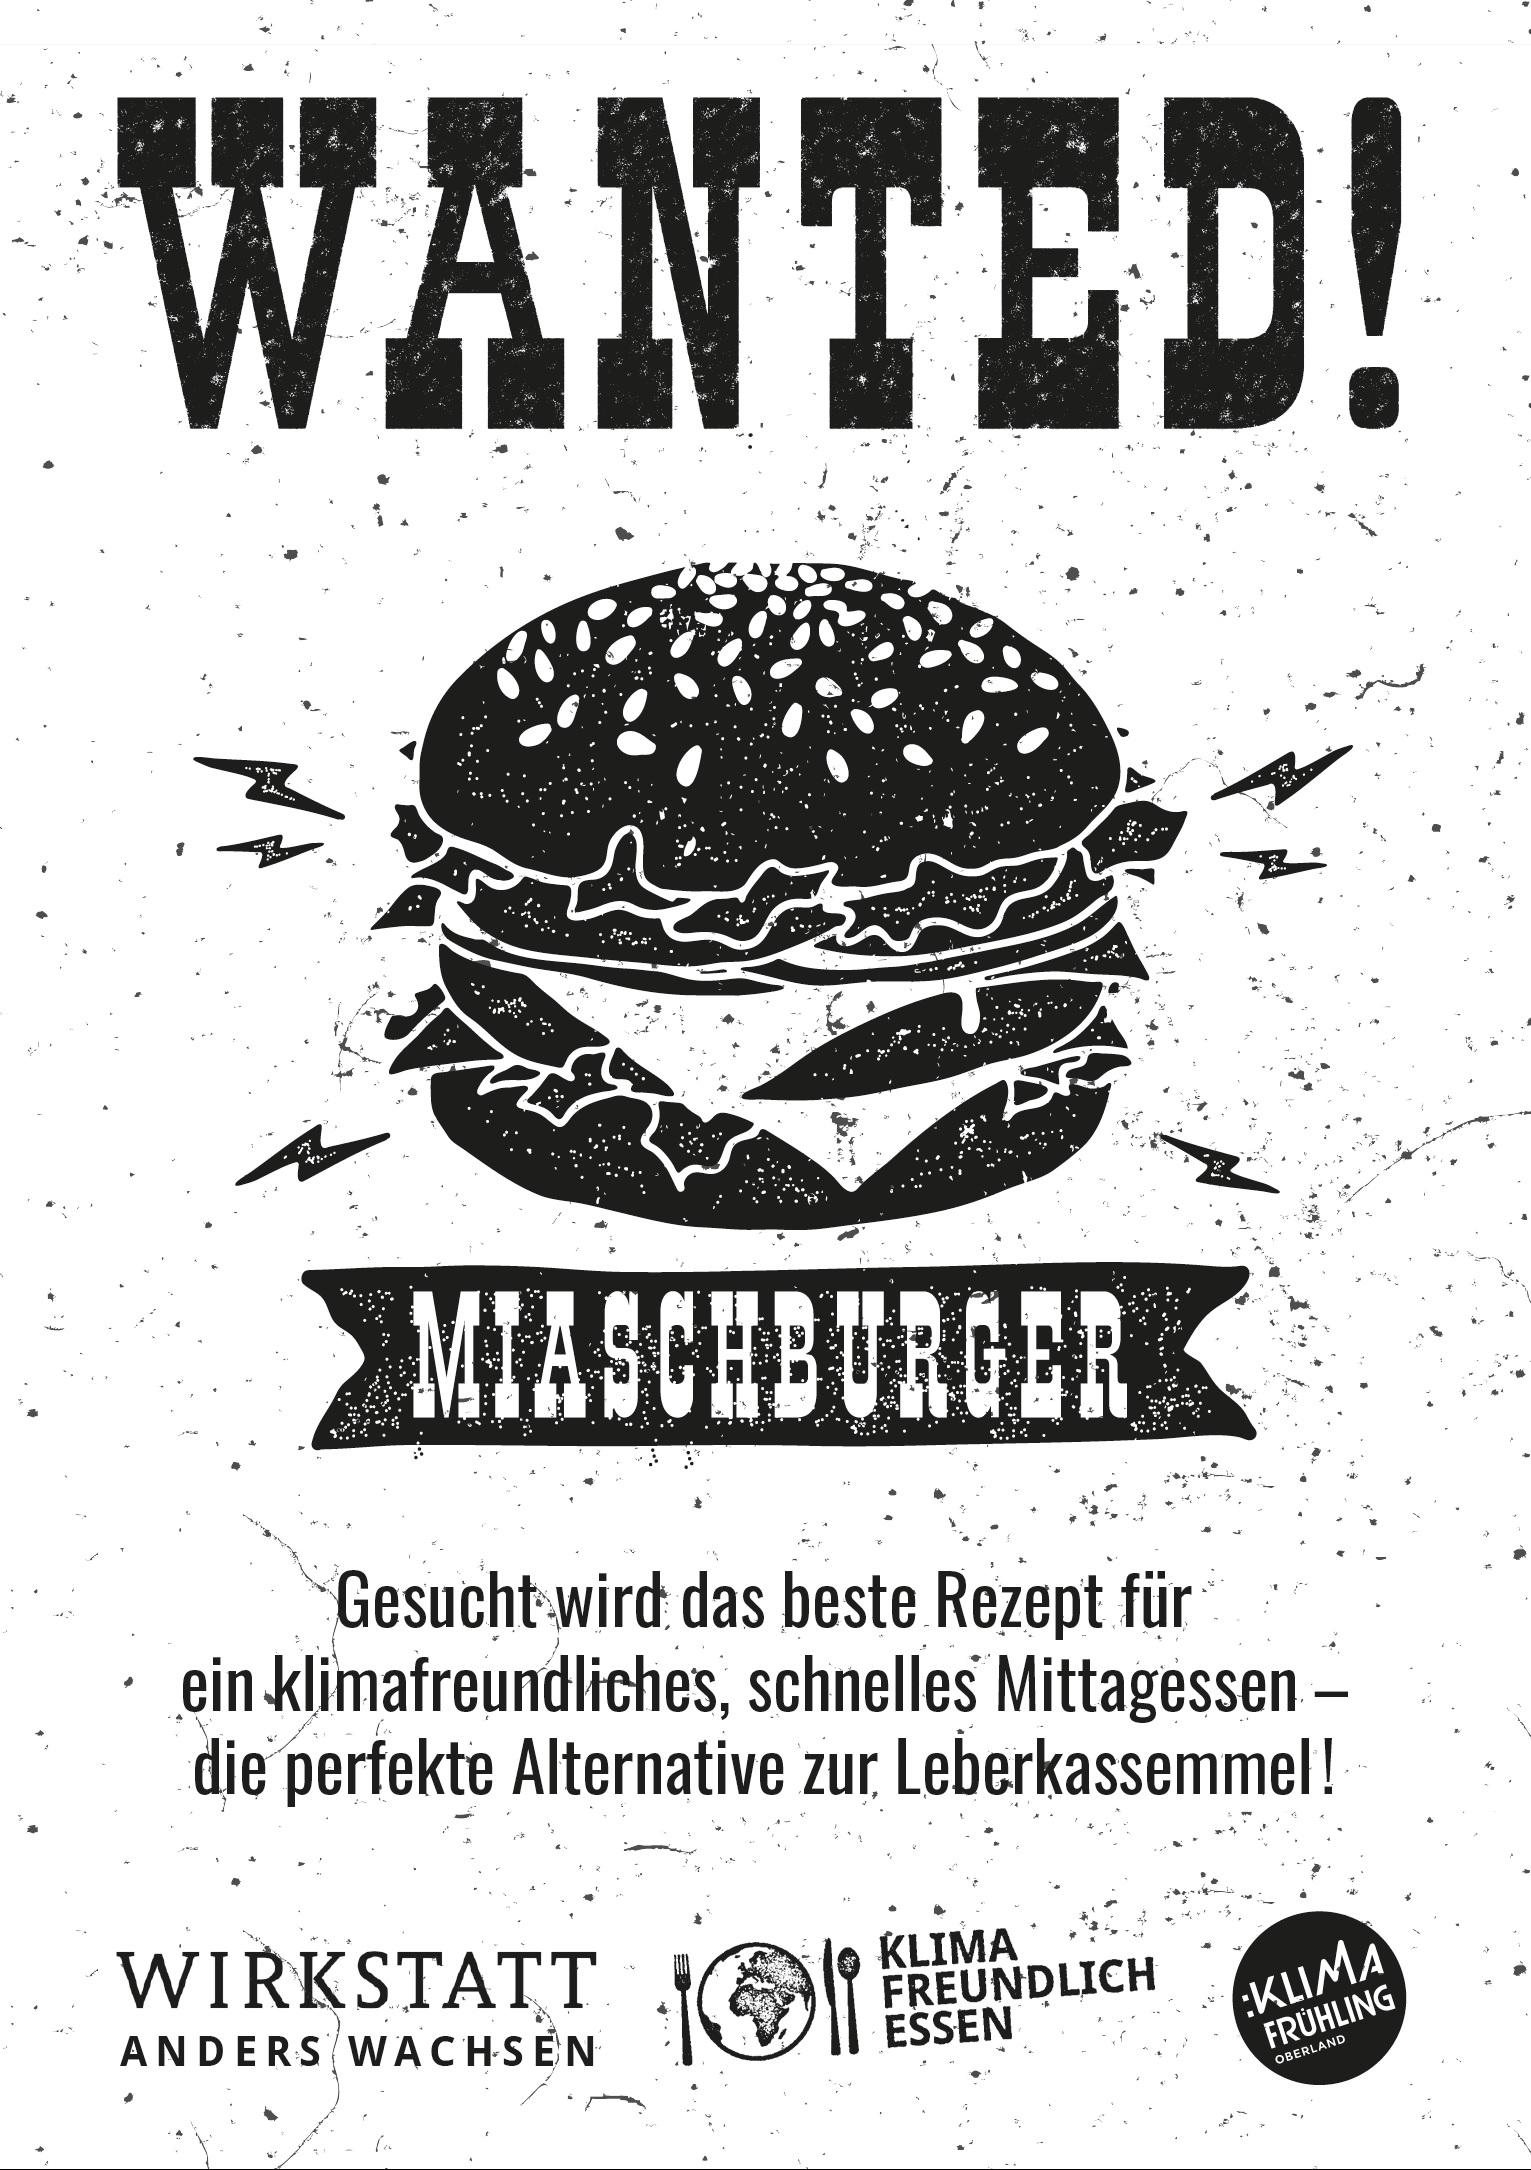 Miaschburger_1.jpg